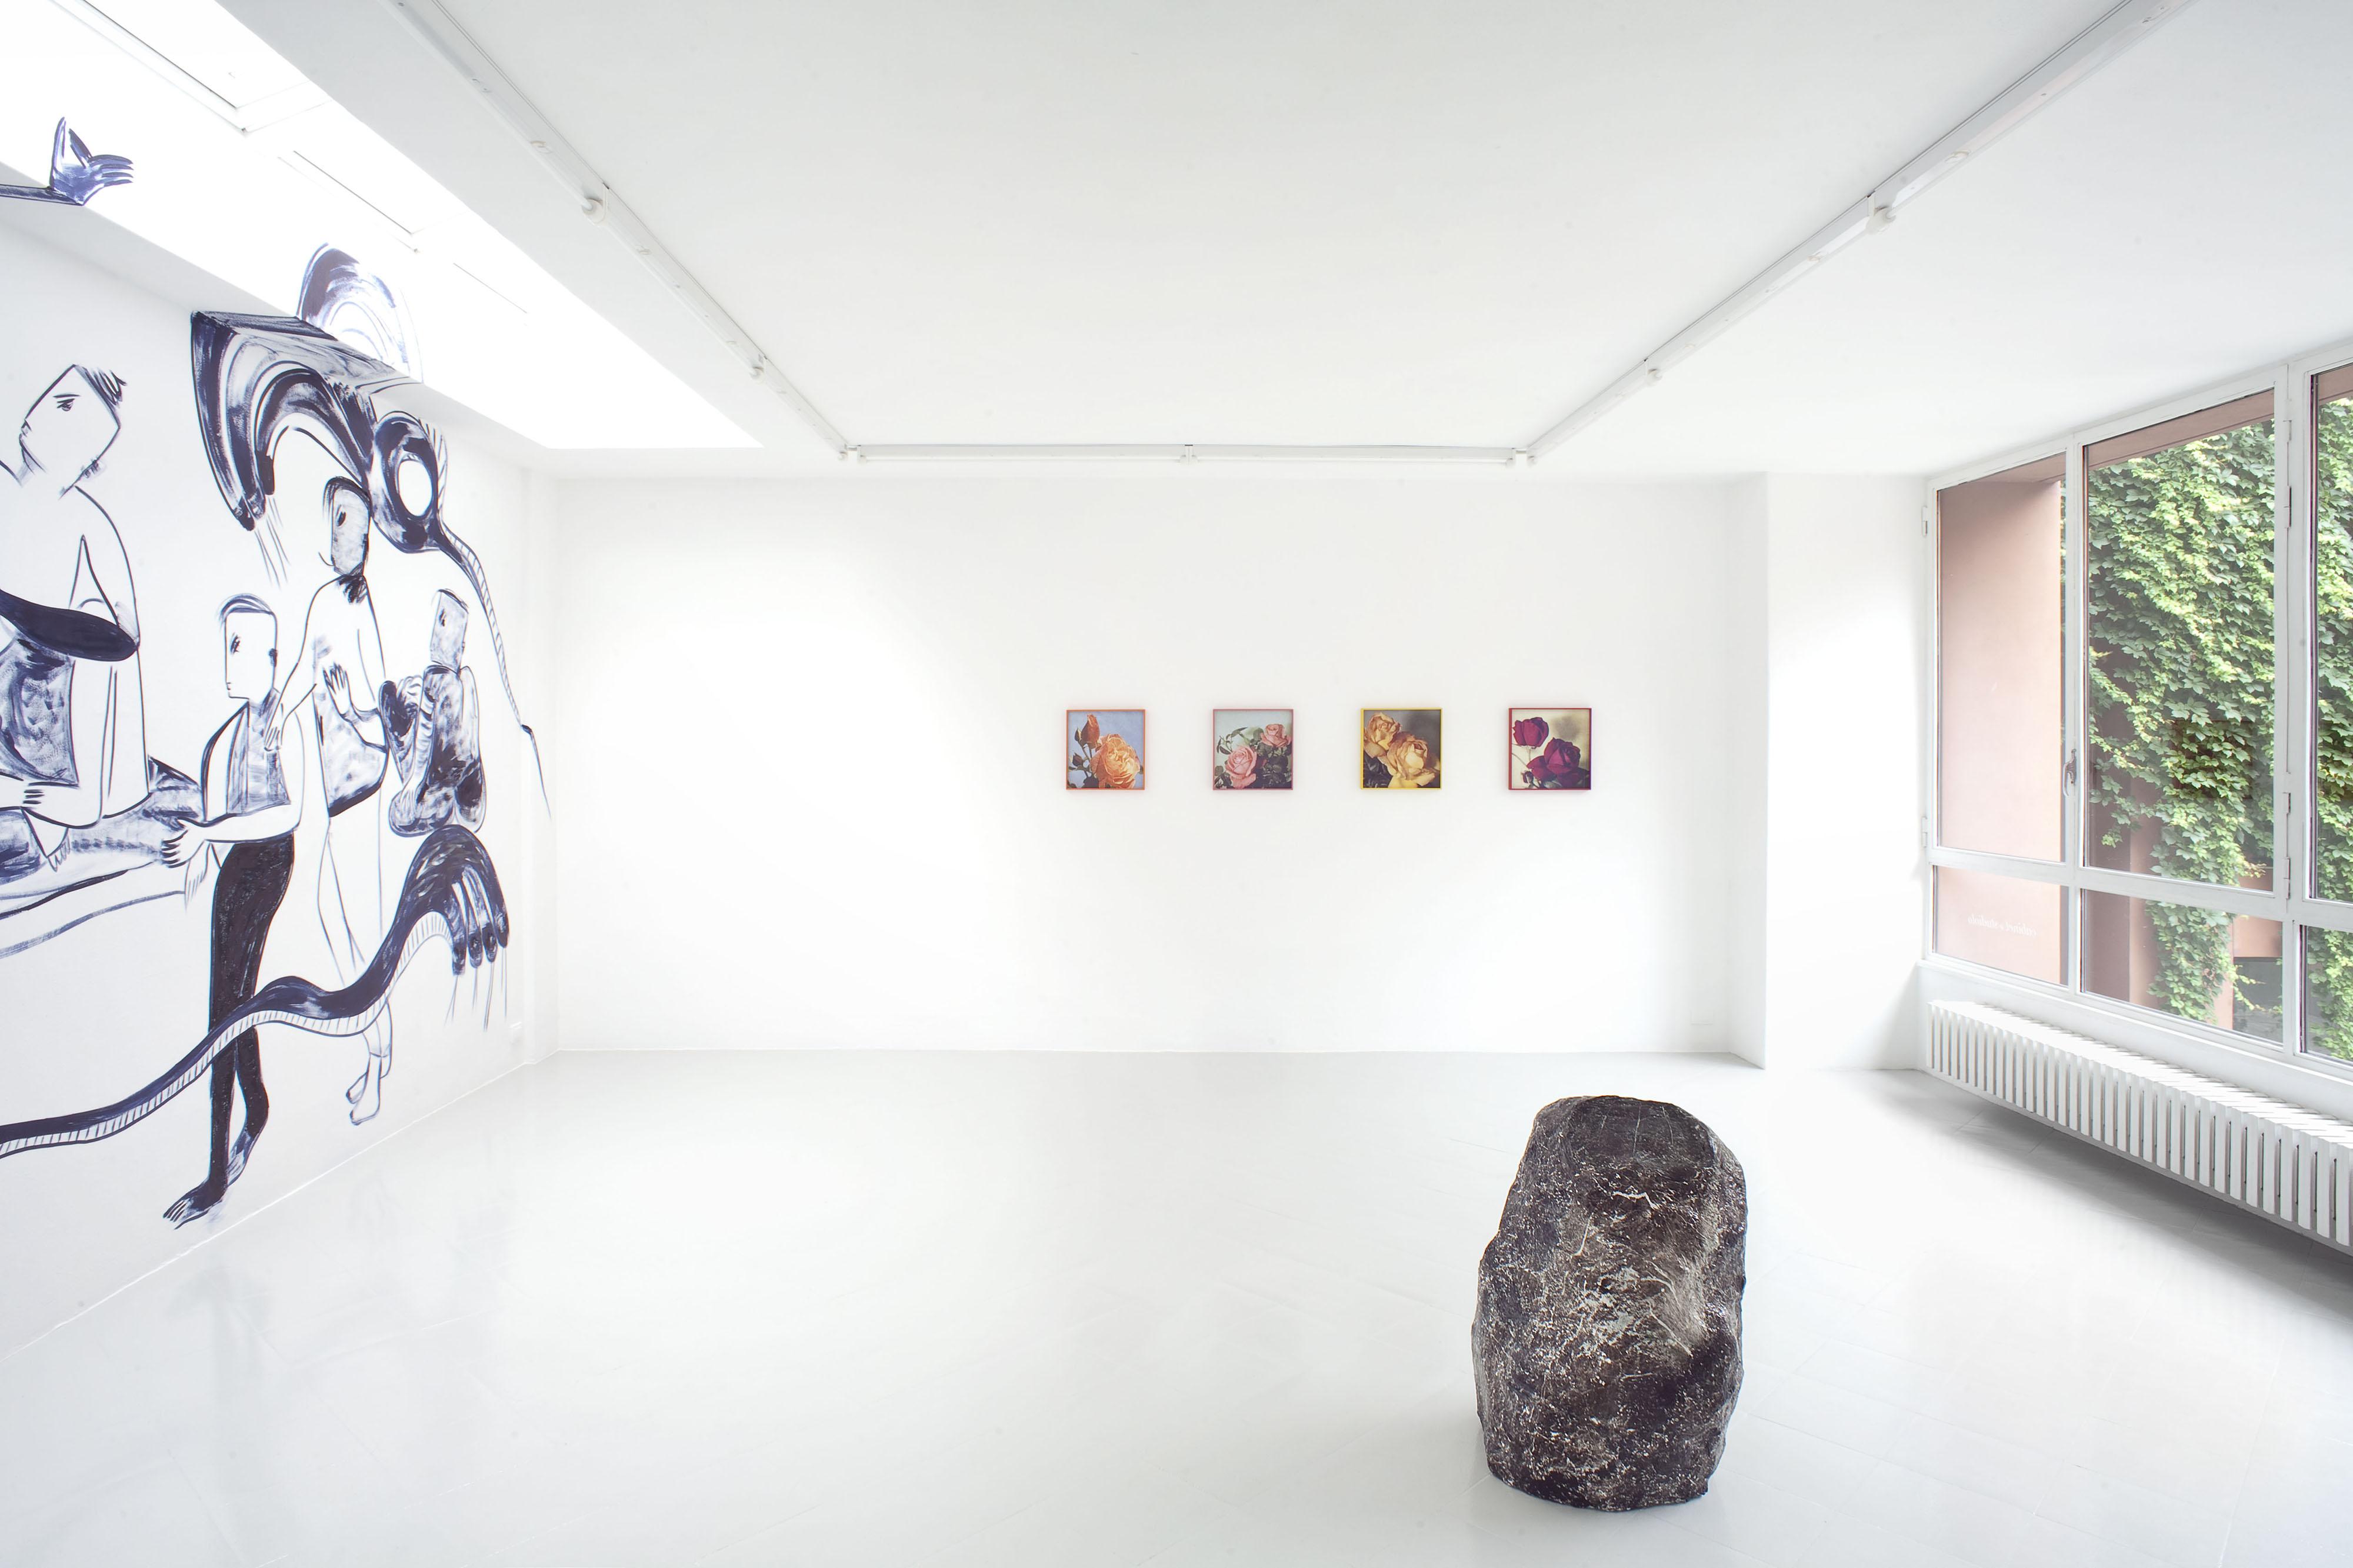 4 - Melike Kara Talisa Lallai Lindsay Lawson Installation View 2016 - Courtesy Studiolo Milan